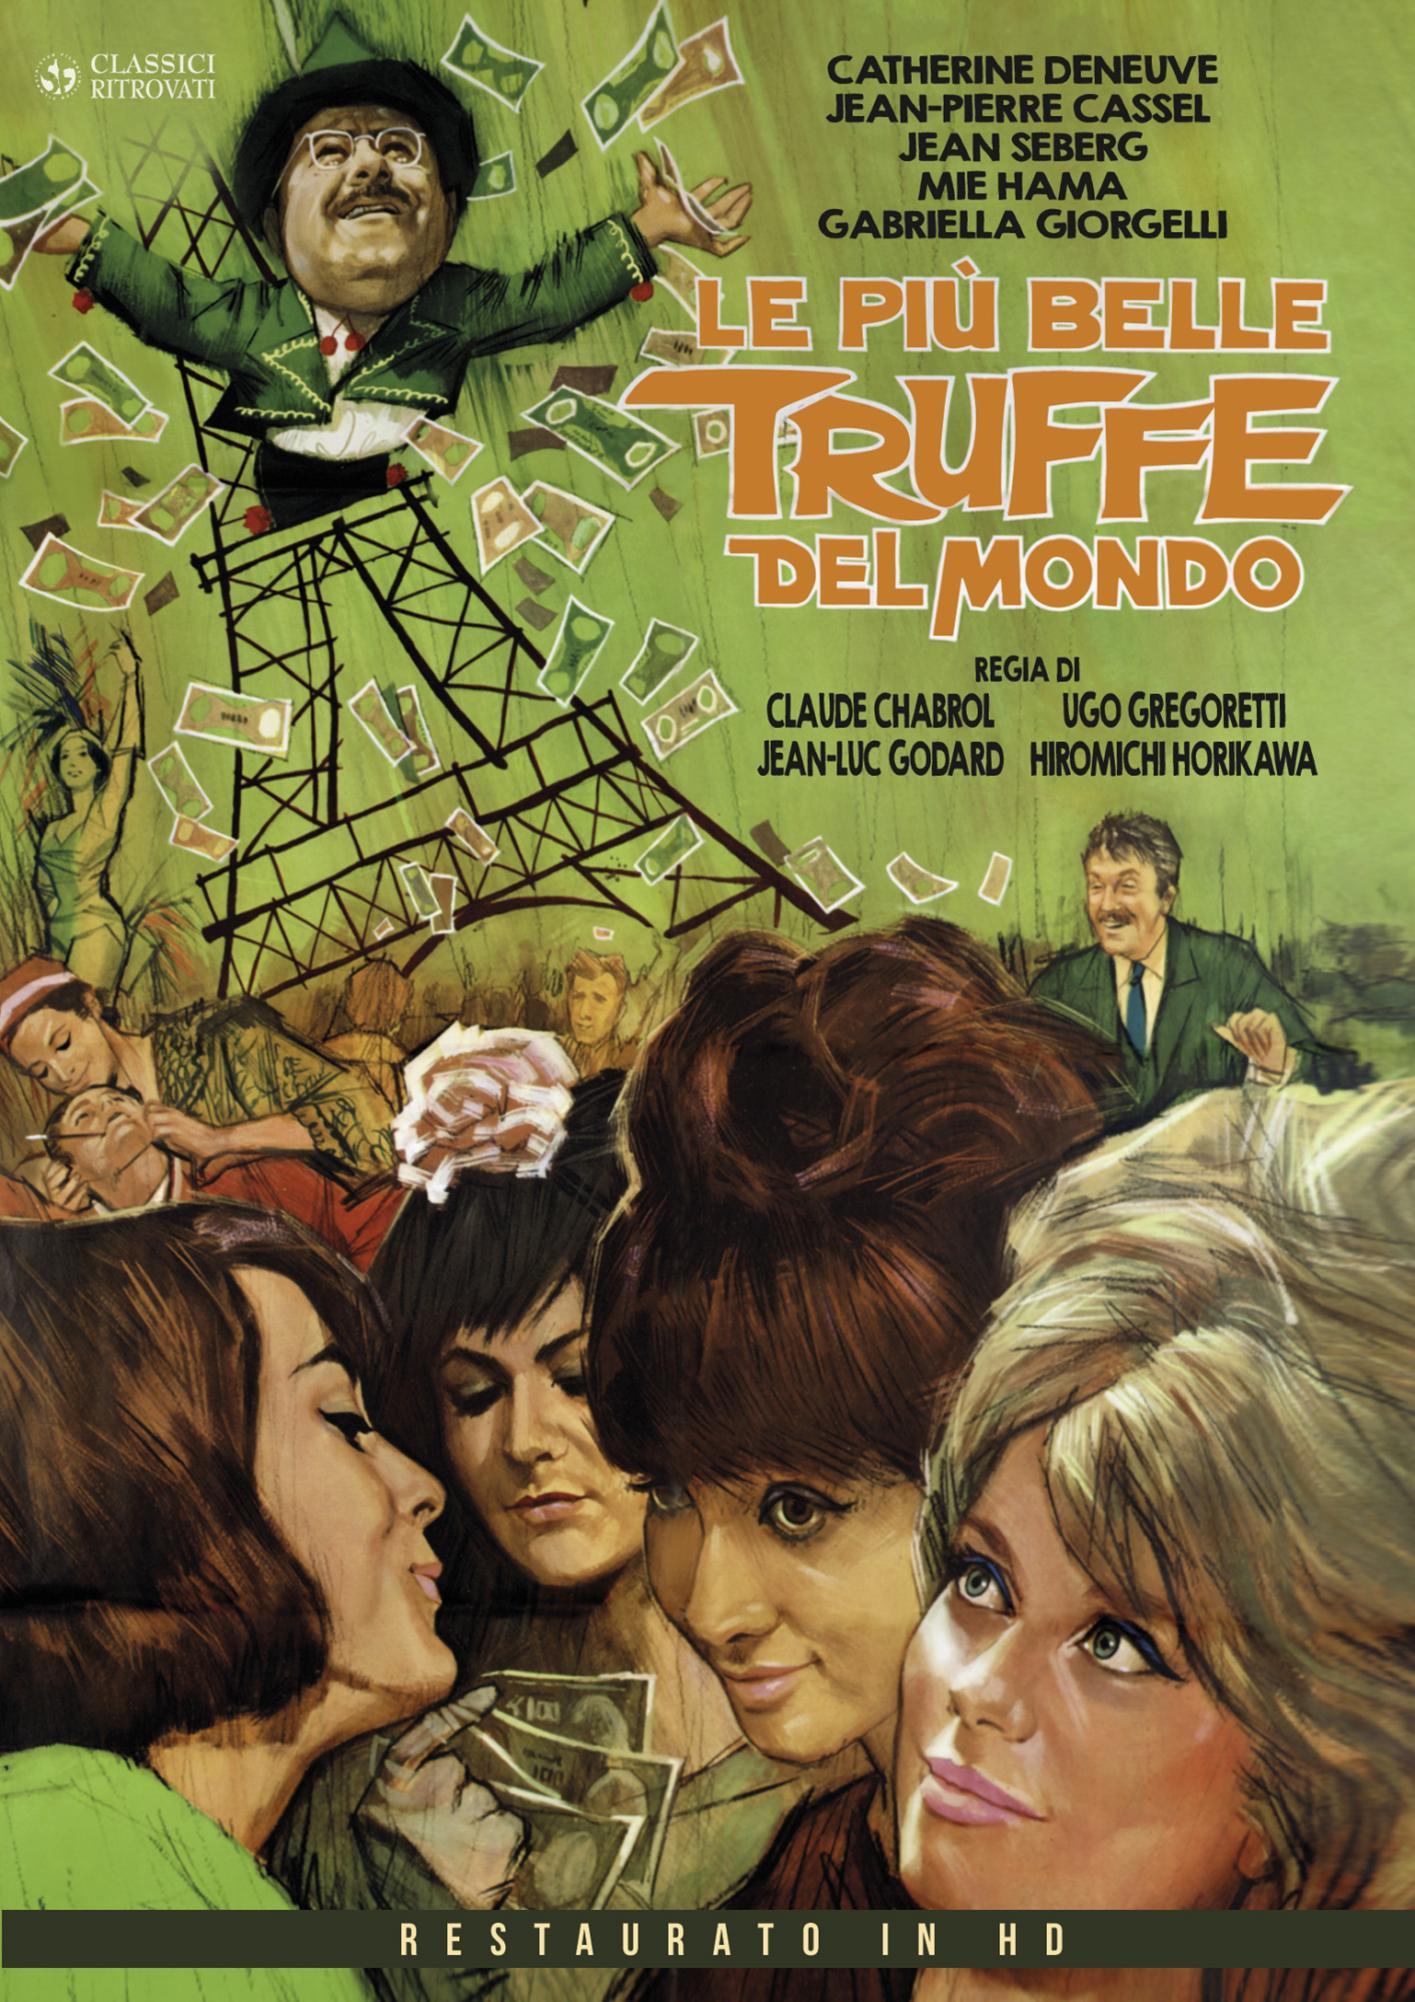 LE PIU' BELLE TRUFFE DEL MONDO (RESTAURATO IN HD) (DVD)